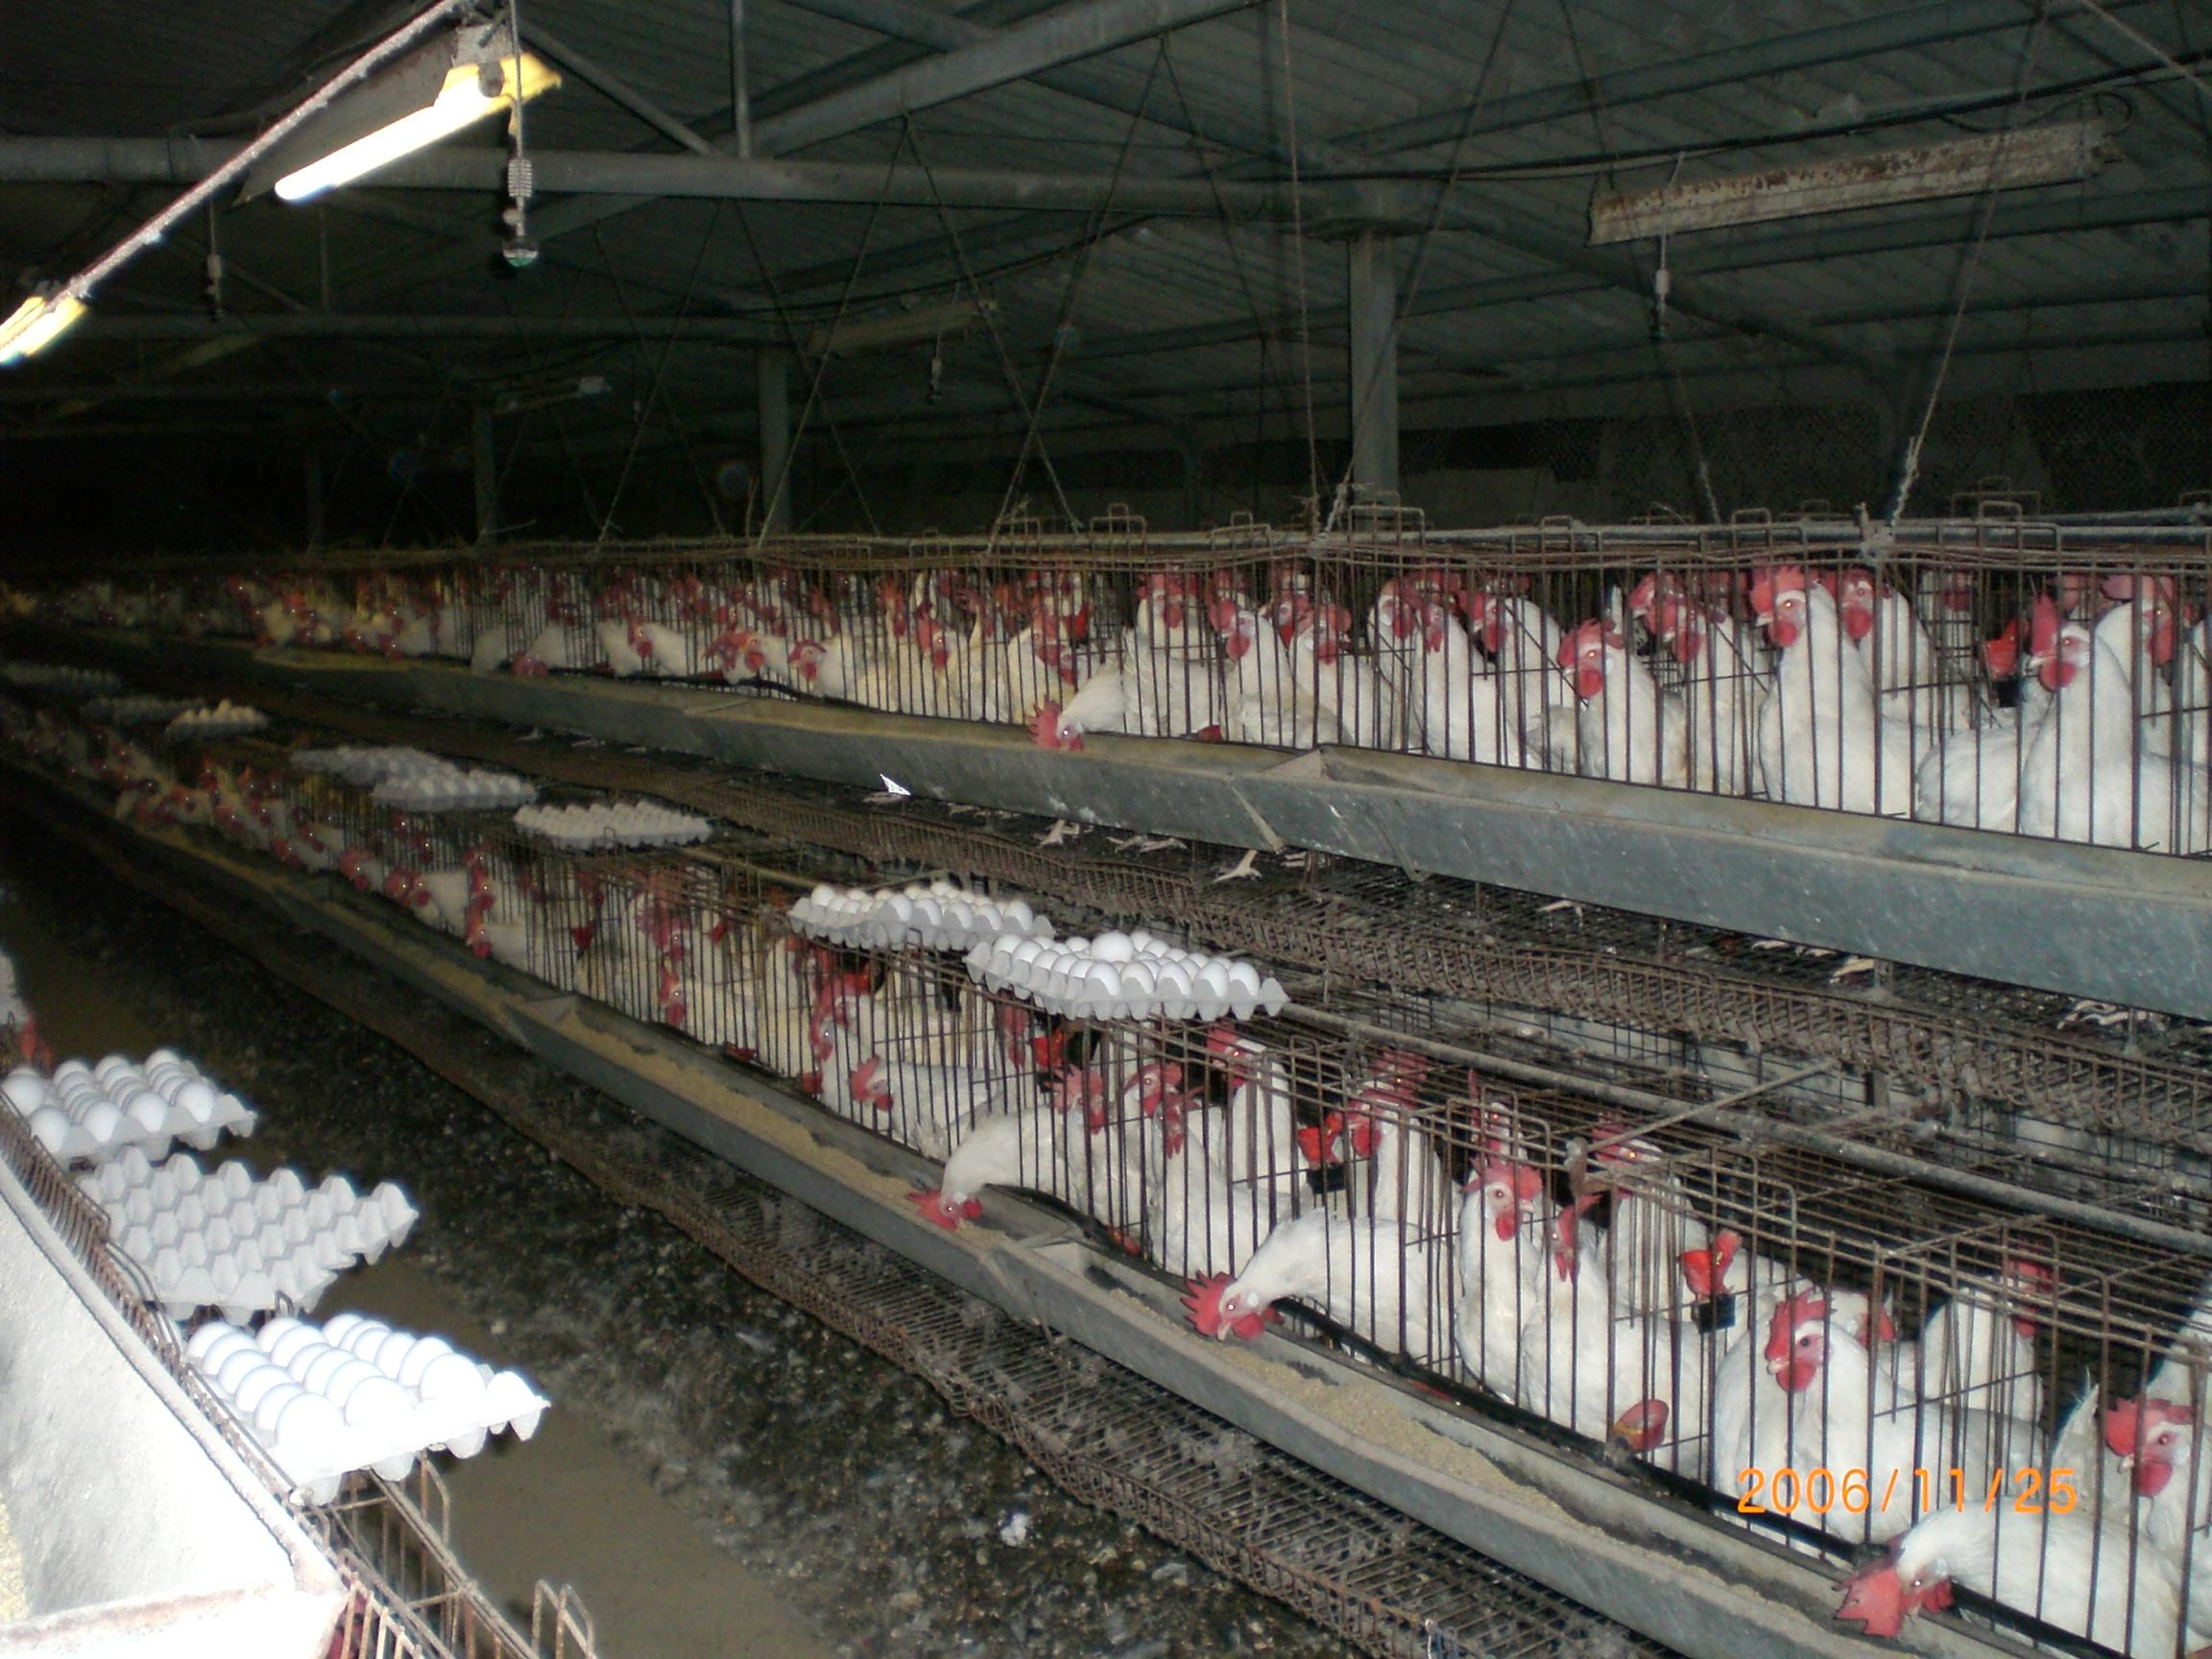 משרד החקלאות: צפי למחסור בעופות טריים